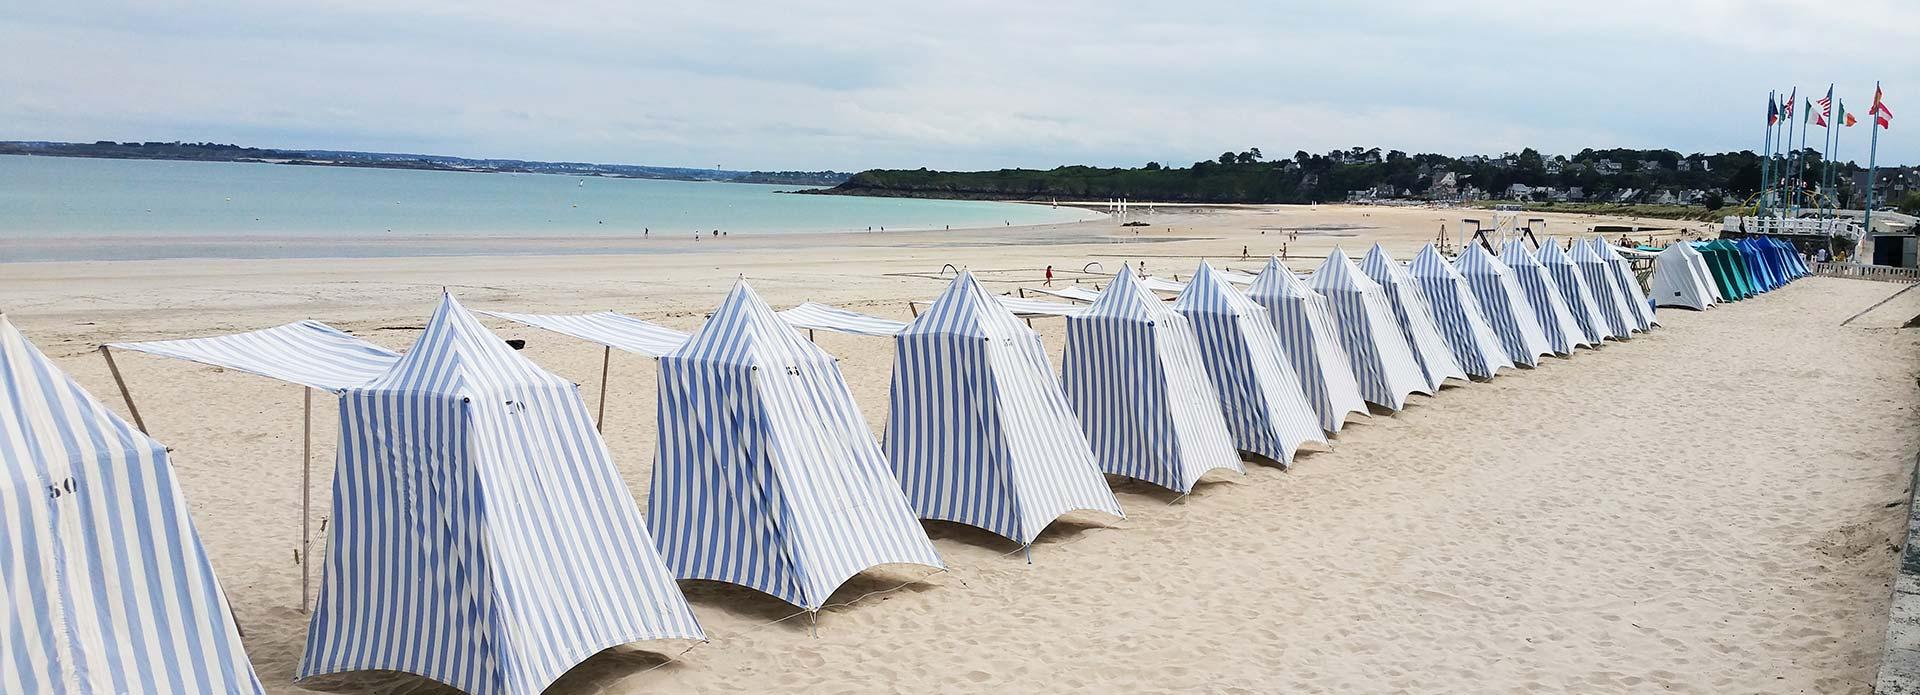 la plage de St Cast